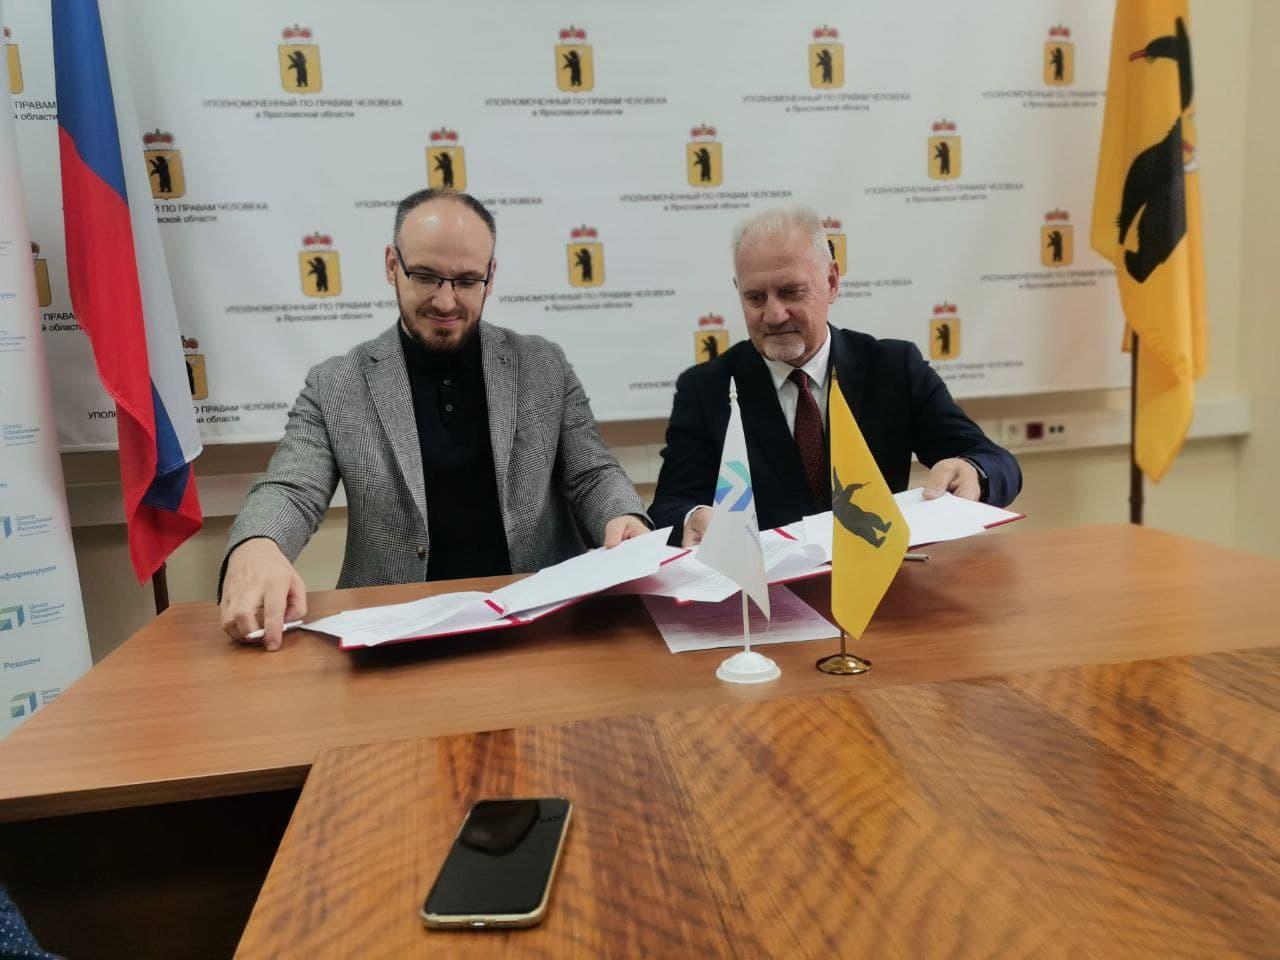 Уполномоченный по правам человека в Ярославской области и Центр управления регионом подписали соглашение о сотрудничестве